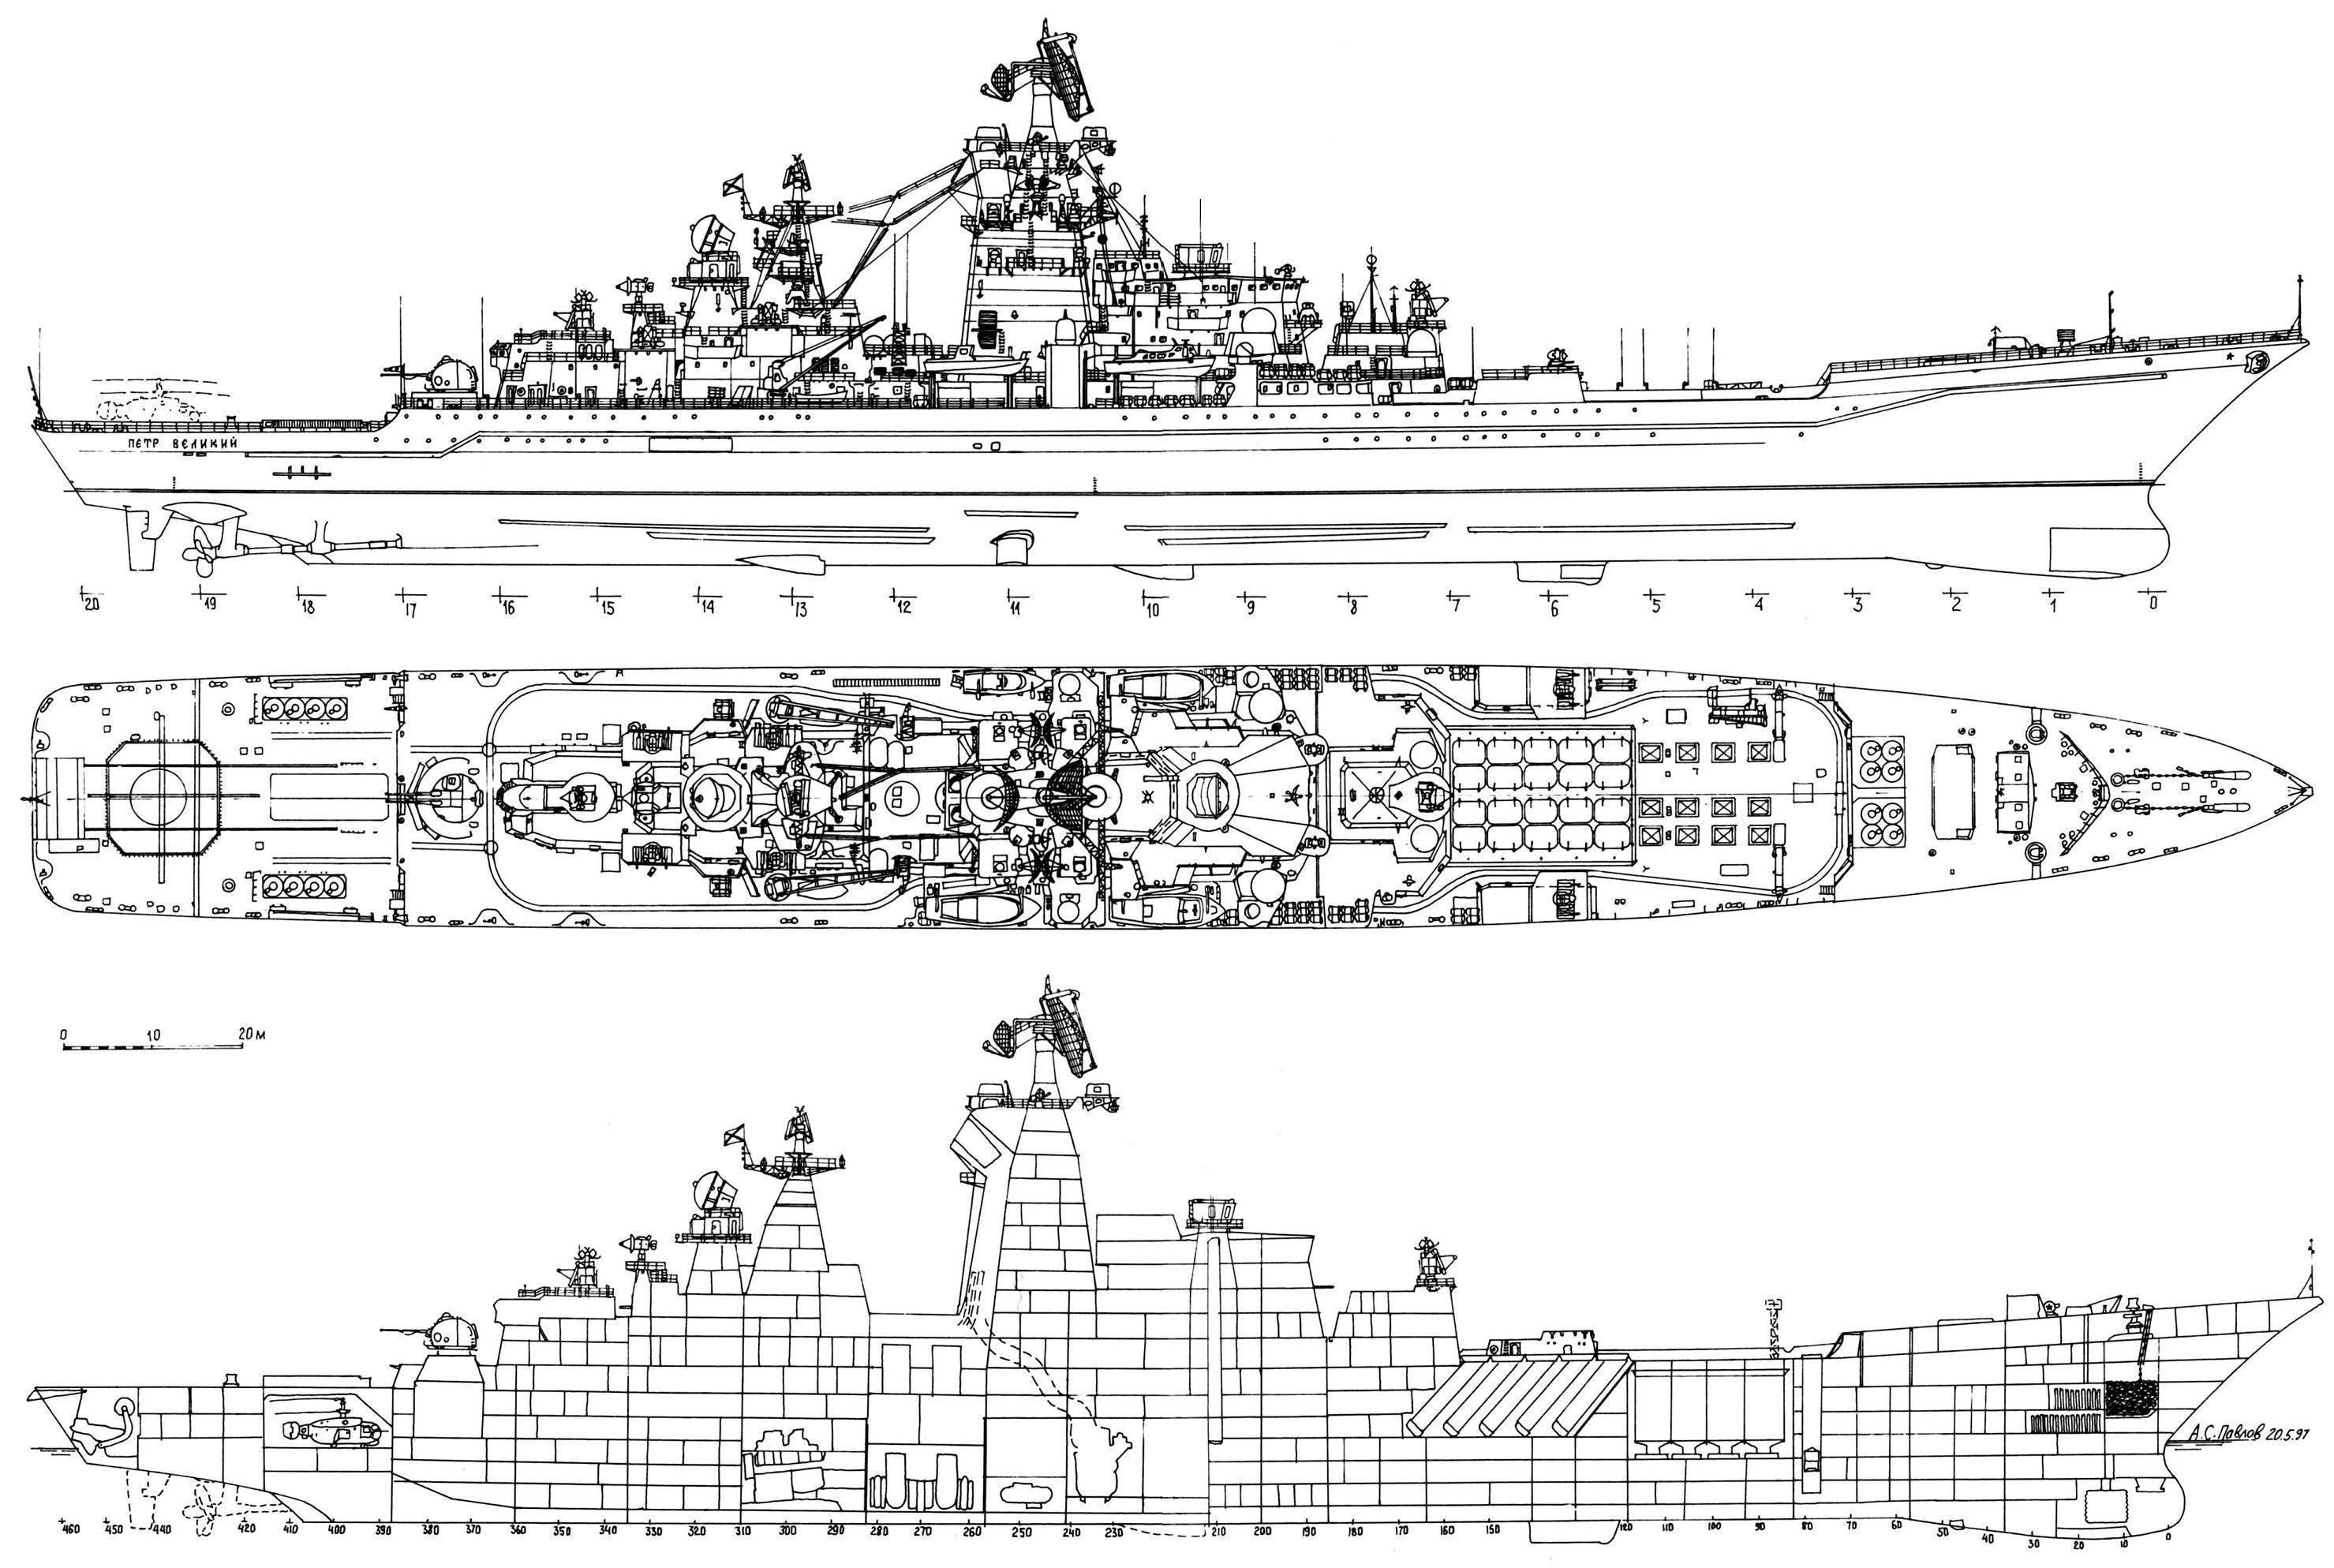 Адмирал нахимов (атомный крейсер)